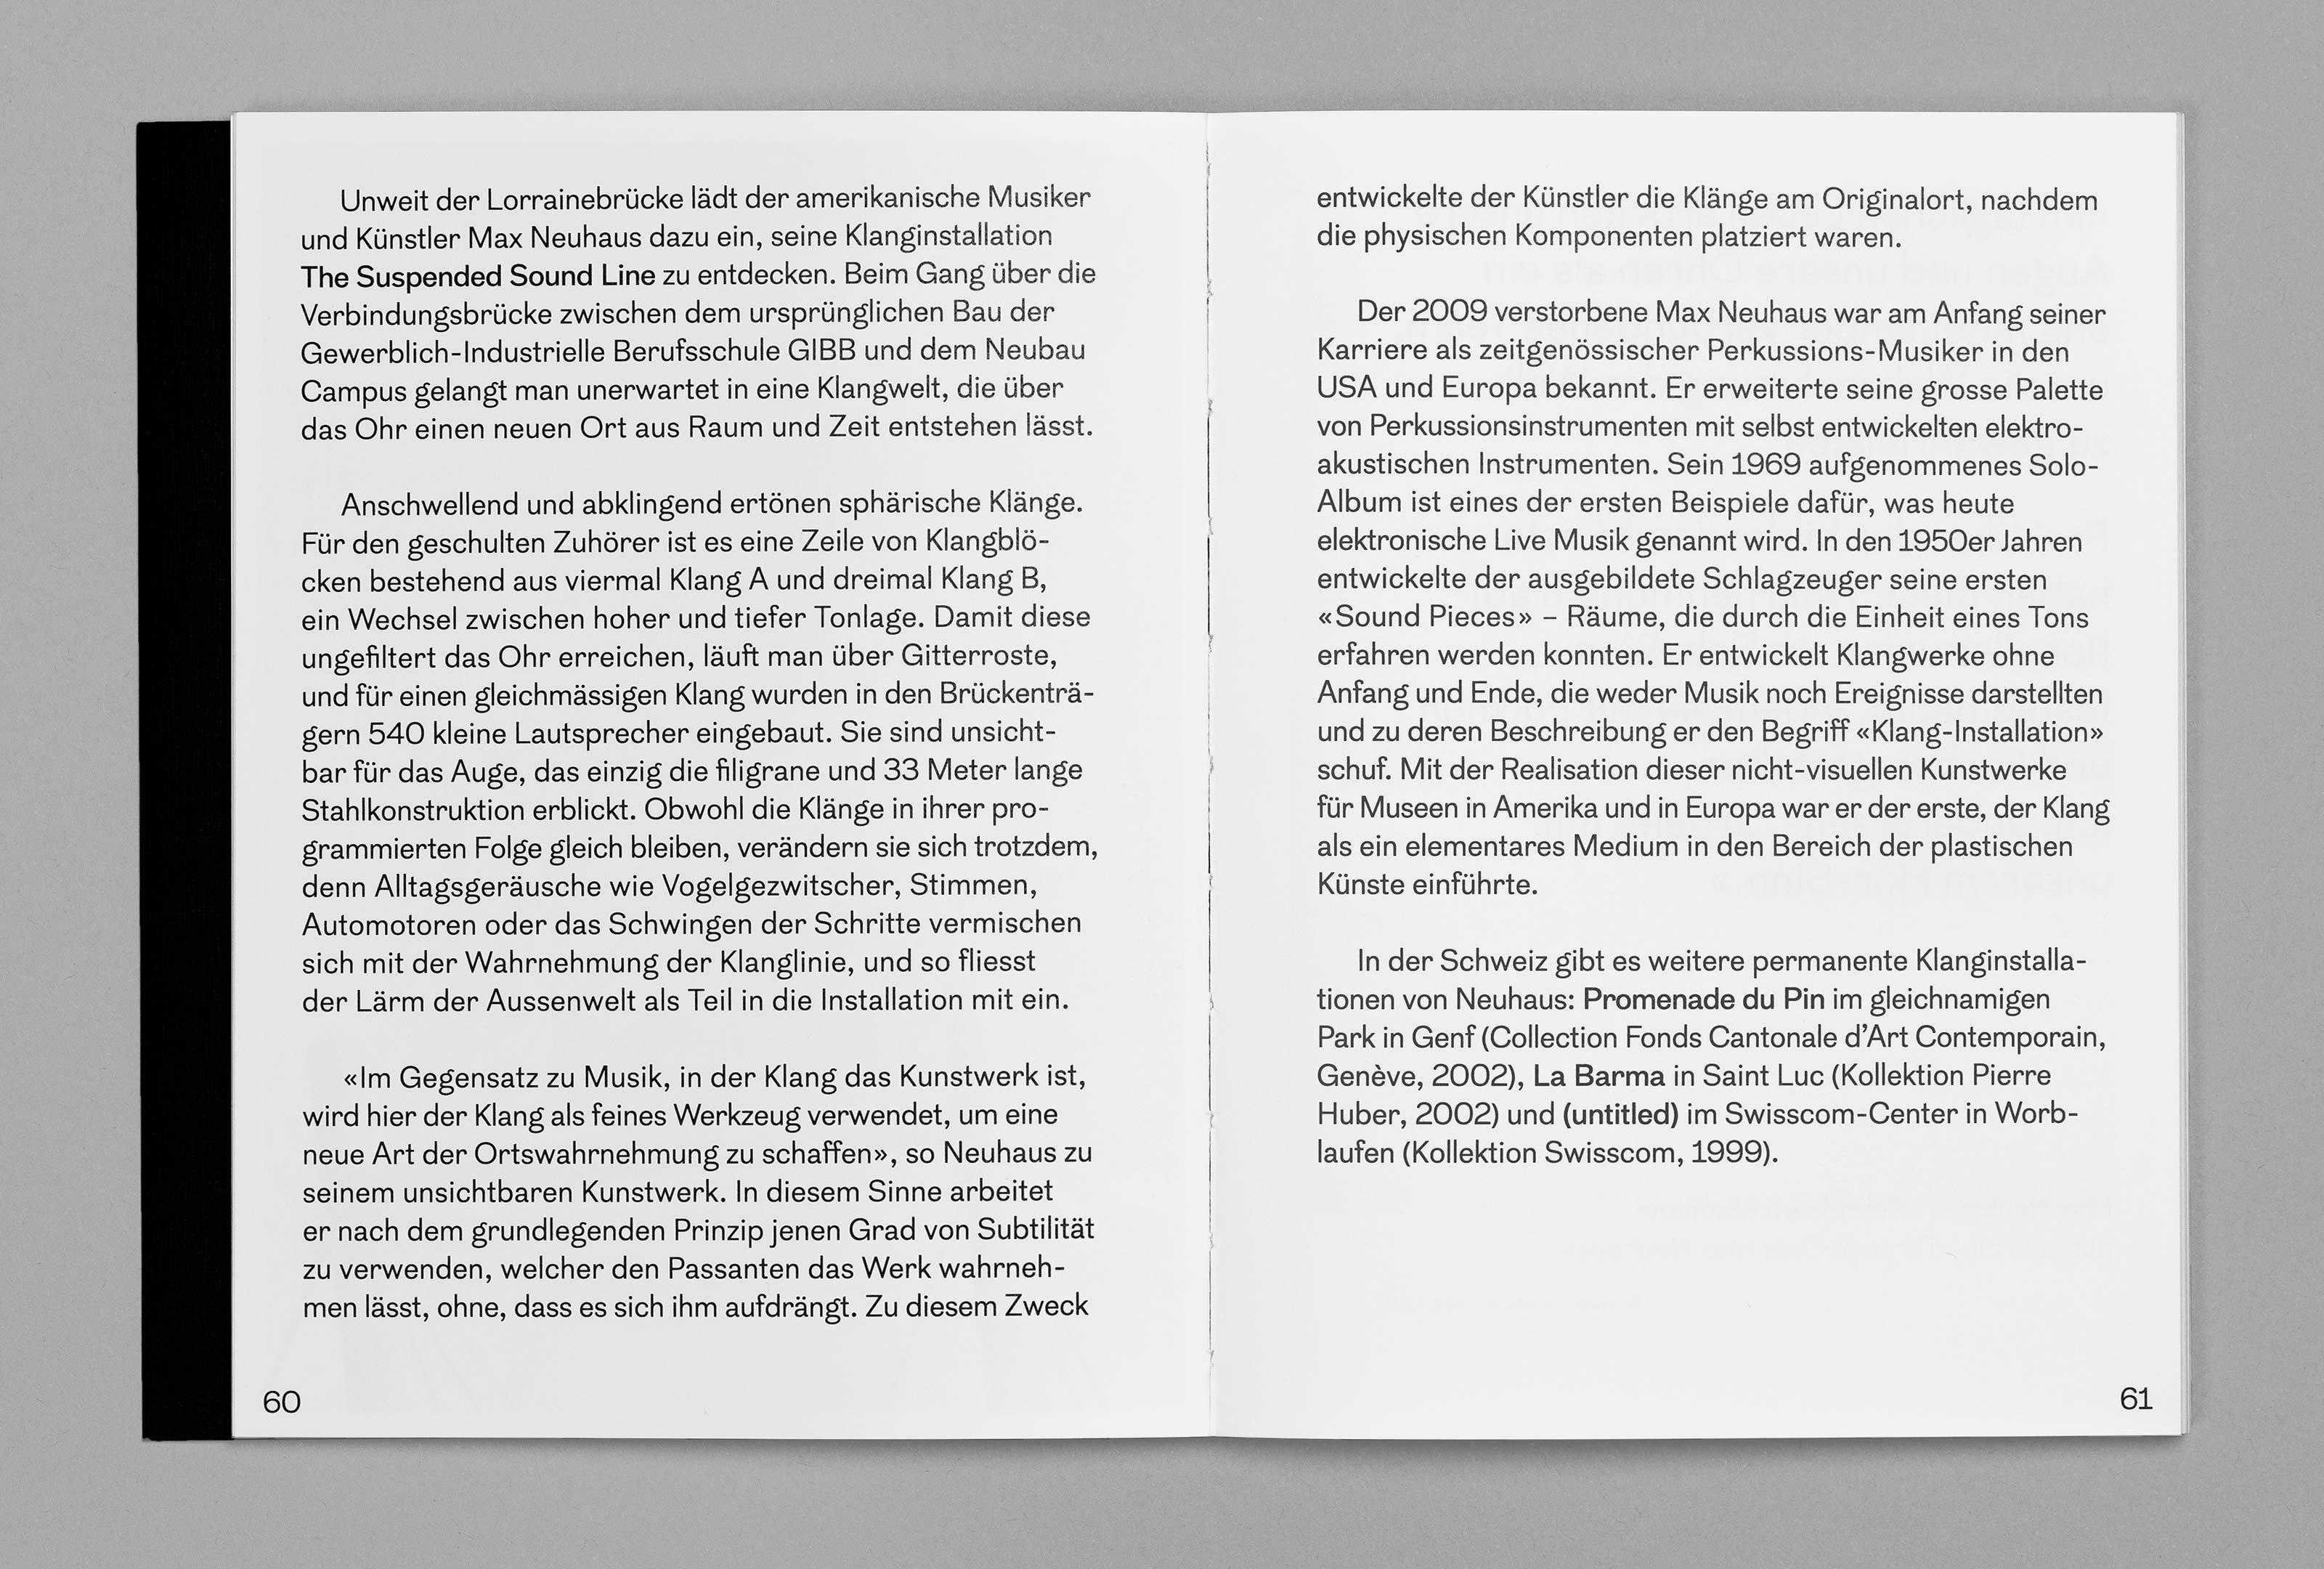 bePArt – Kunst im öffentlichen Raum Bern, spreads 60–61 ©Atelier Pol × Barbara Hess